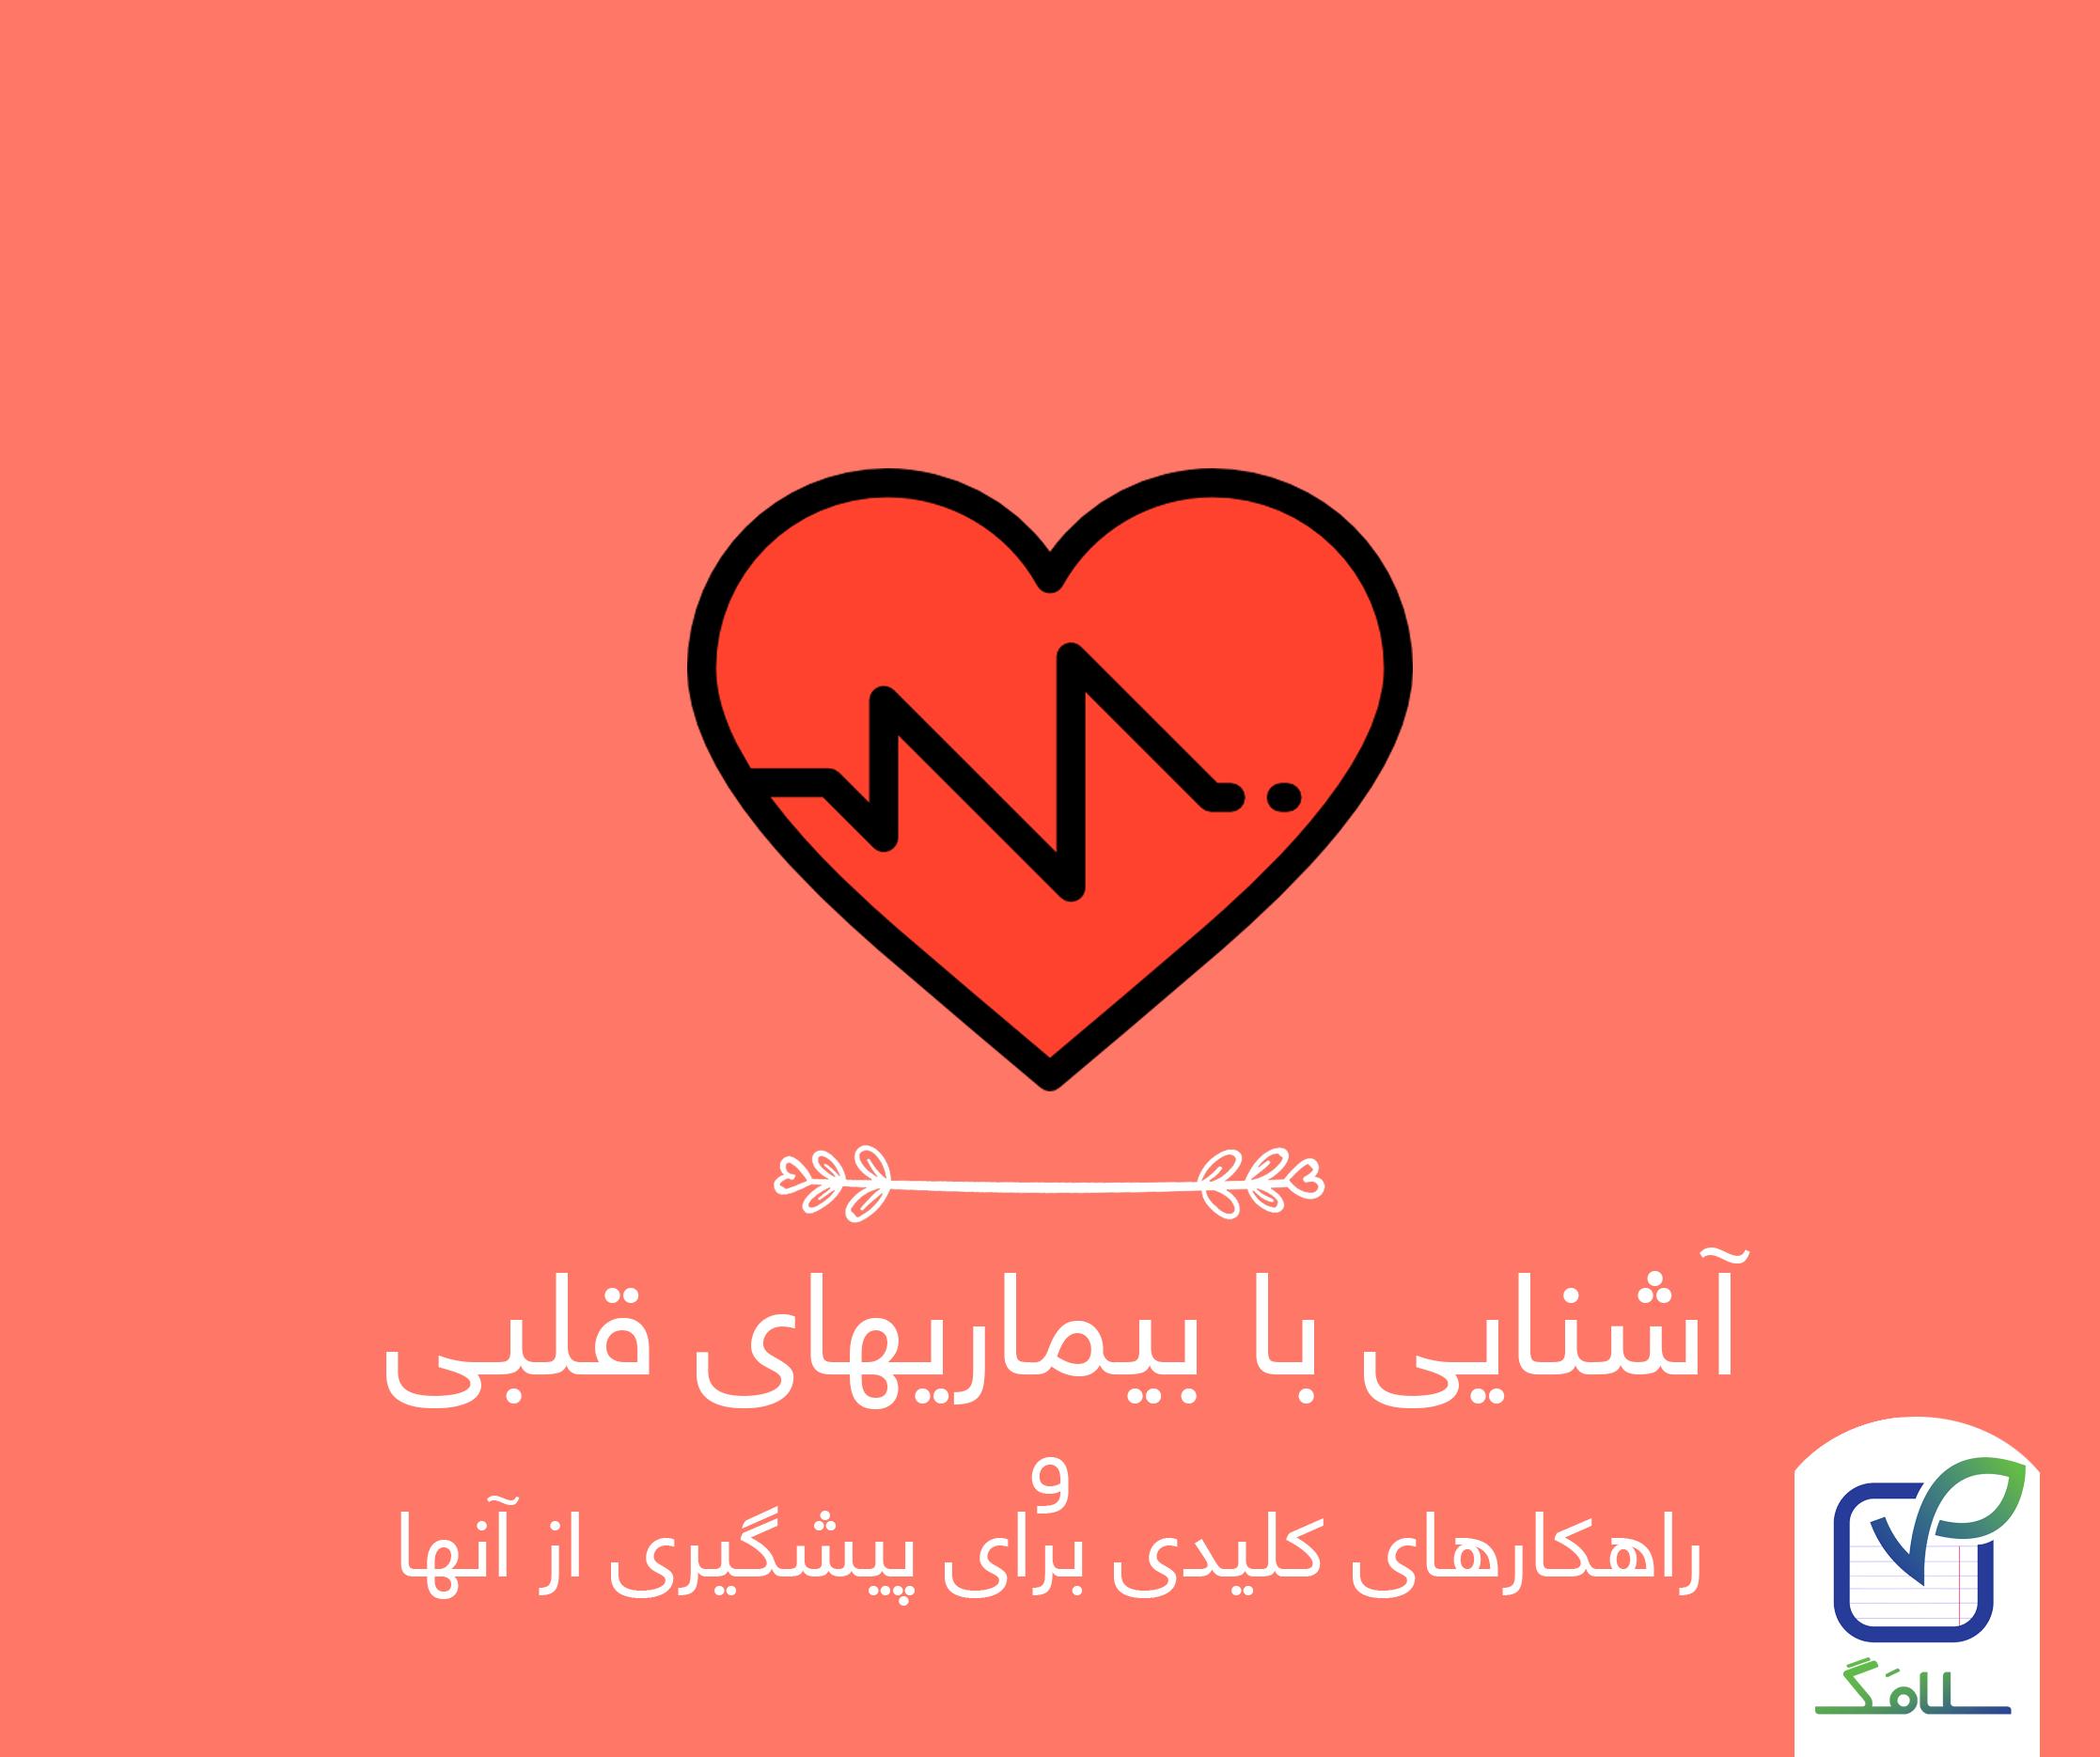 با بیماری های قلبی عروقی و راهکارهایی کلیدی برای پیشگیری و کنترل آنها آشنا شوید!